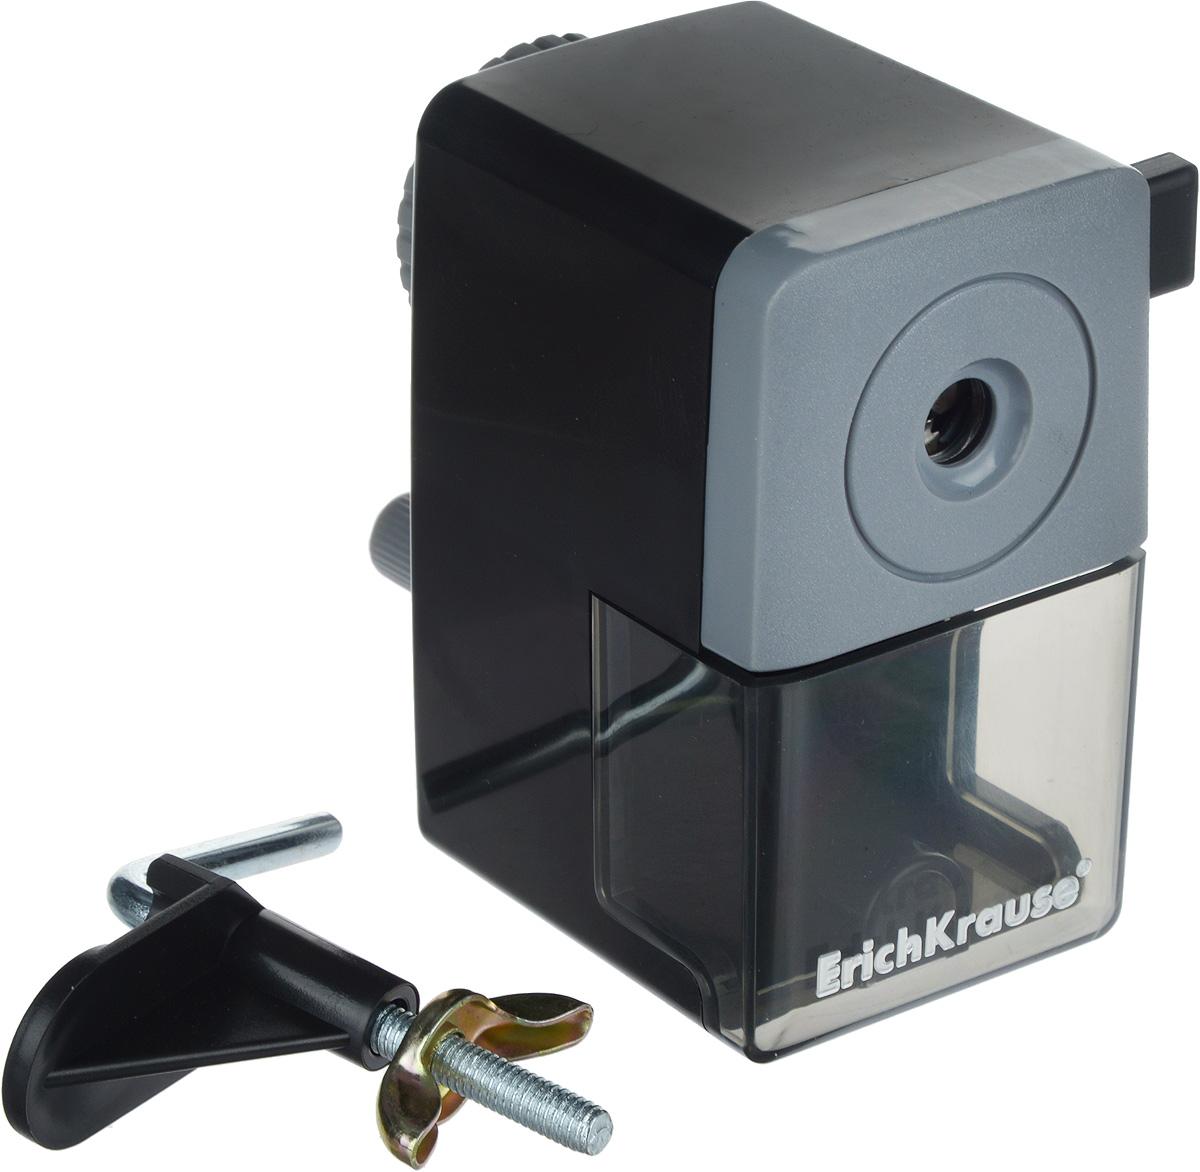 Erich Krause Точилка механическая цвет черный серыйEK6798_черный, серыйМеханическая точилка Erich Krause - незаменимый атрибут рабочего стола. Точилка из высококачественного пластика имеет съемный контейнер для стружки и оснащена рукояткой с механизмом кругового вращения. В комплекте с точилкой предусмотрено крепление к столу.Отточенный механизм и высокое качество затачивания механической точилки Erich Krause заинтересует всех любителей современных и практичных вещей.Размер точилки: 9 х 5,5 х 10 см.Бренд Erich Krause - это полный ассортимент канцтоваров для офиса и школы, который гарантирует безукоризненное исполнение разных задач в процессе работы или учебы, органично и естественно сопровождает вас день за днем.Для миллионов покупателей во всем мире продукция Erich Krause стала верным и надежным союзником в реализации любых проектов и самых амбициозных планов.Высококвалифицированные специалисты Erich Krause прилагают все свои усилия, что бы каждый продукт компании прослужил максимально долго и неизменно радовал покупателей удобством и легкостью использования, надежностью в эксплуатации и прекрасным дизайном.